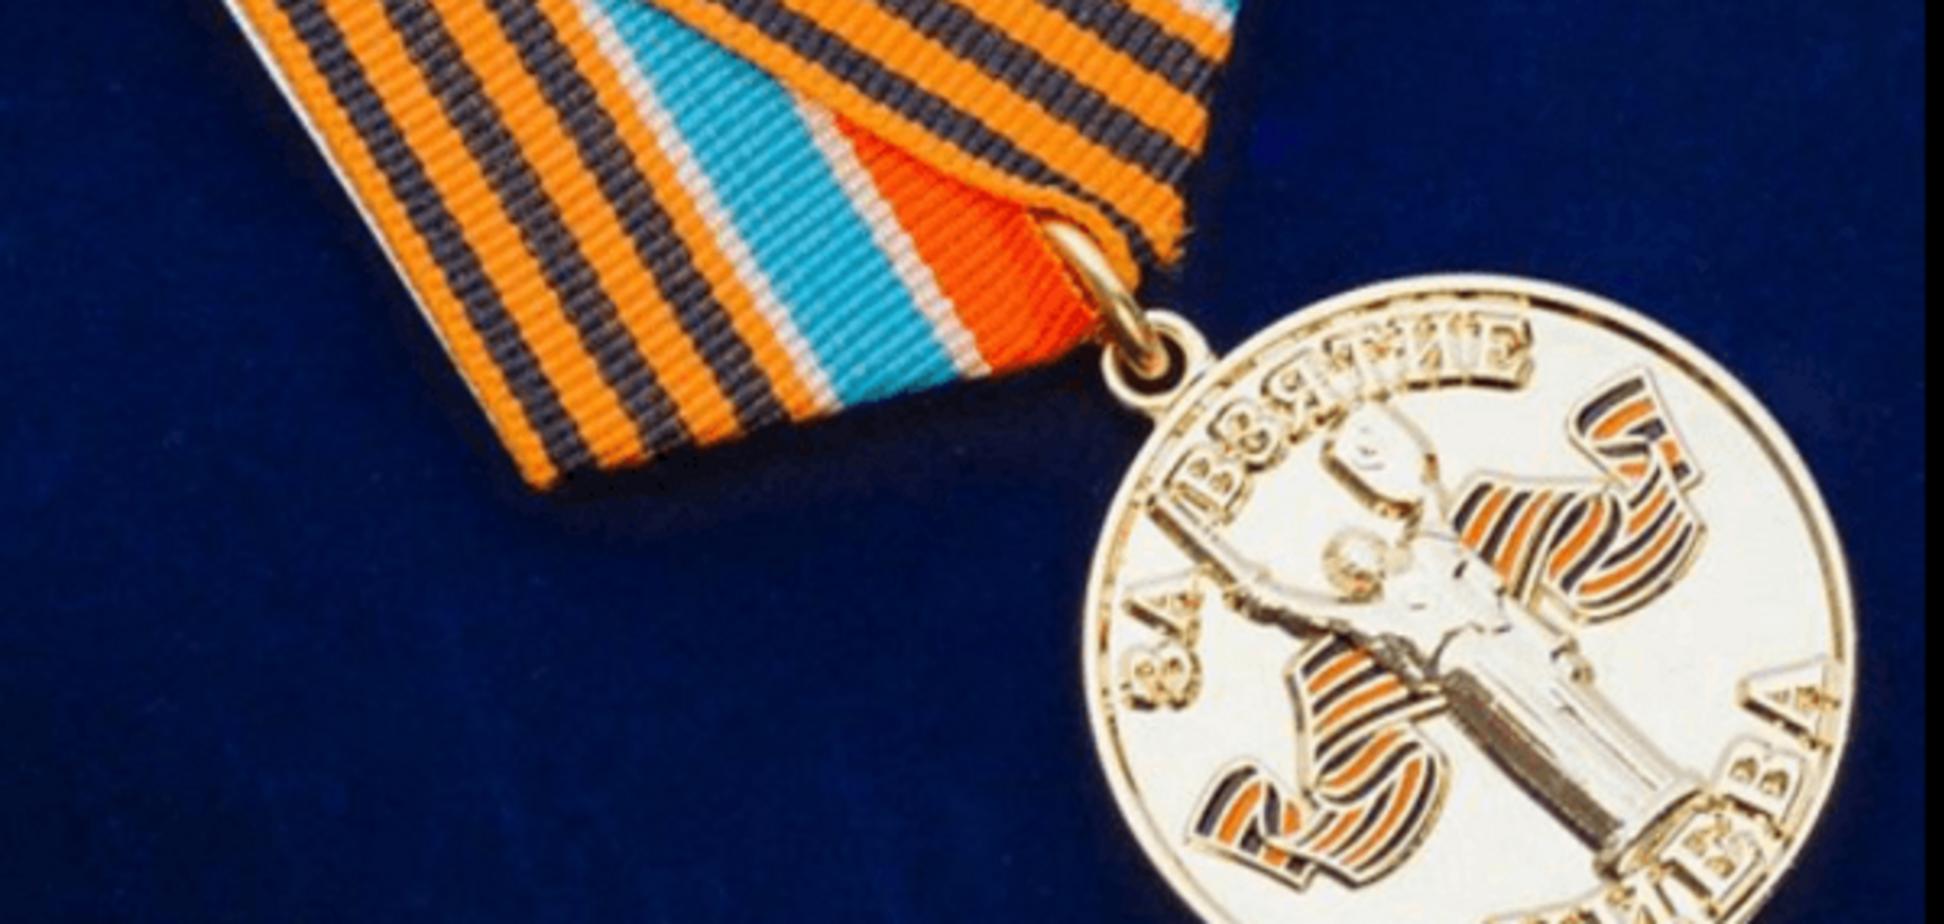 Мрії-мрії. Терористи випустили медалі 'За взяття Києва та Львова': фотофакт